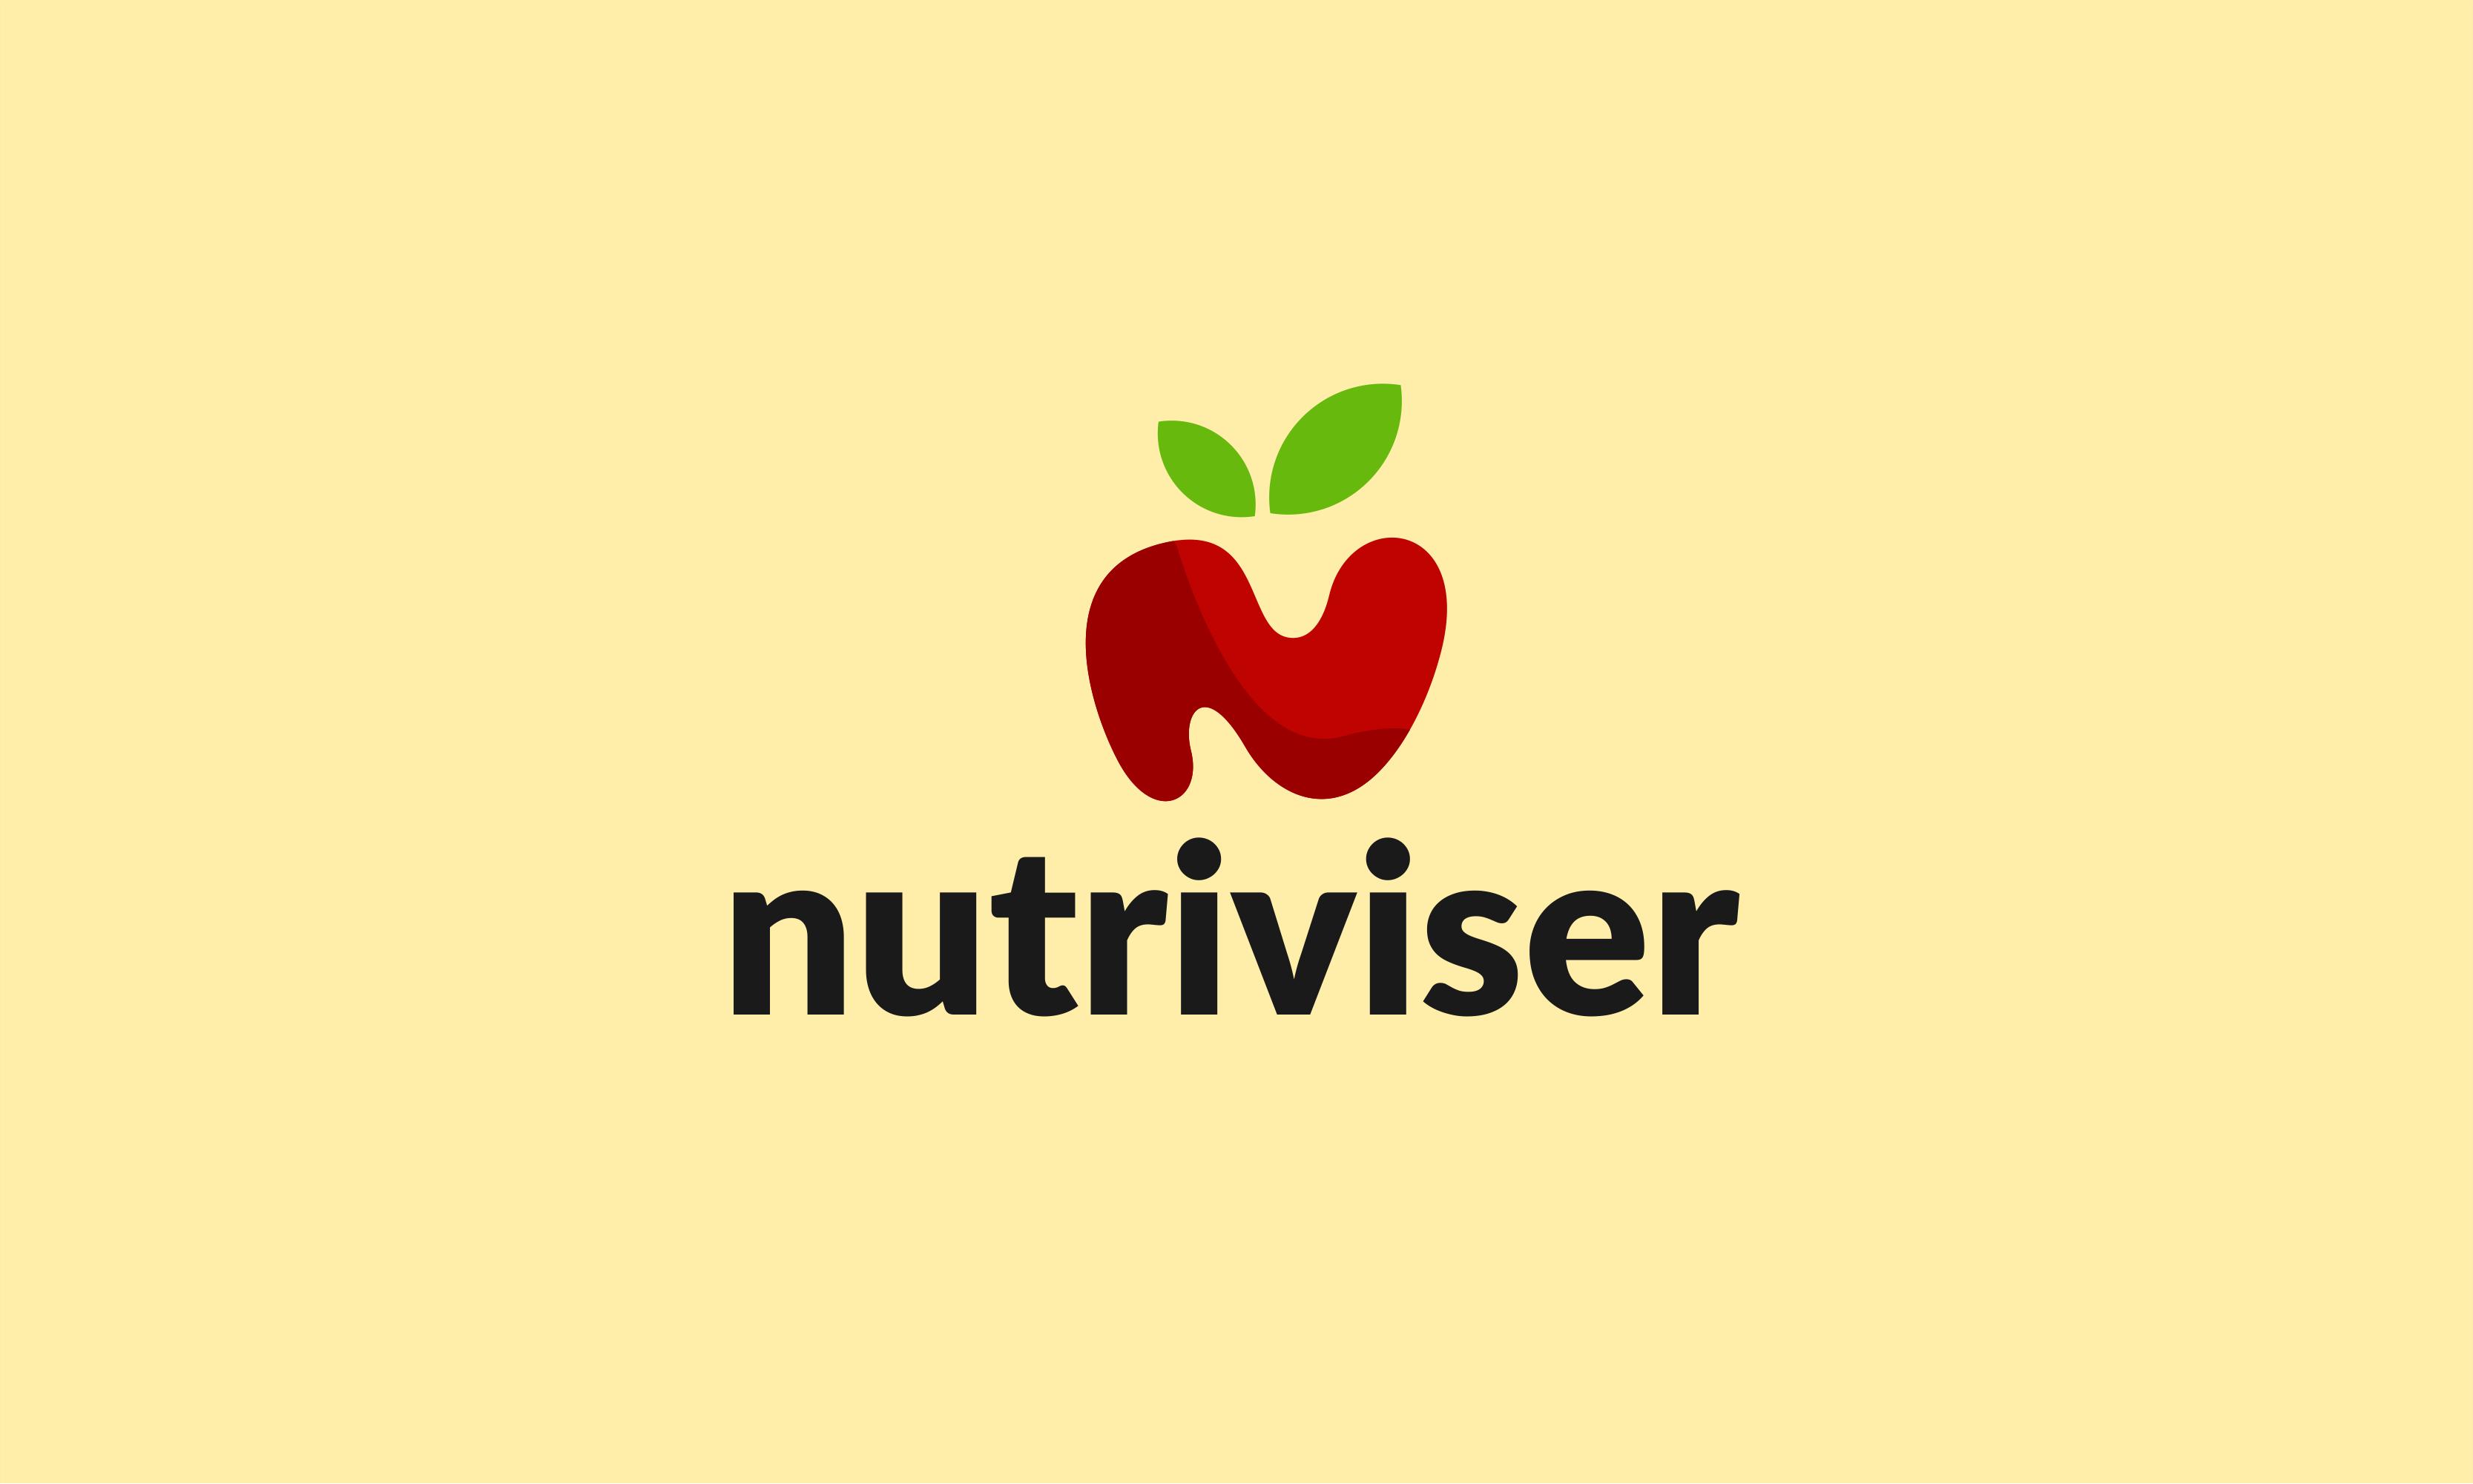 Nutriviser